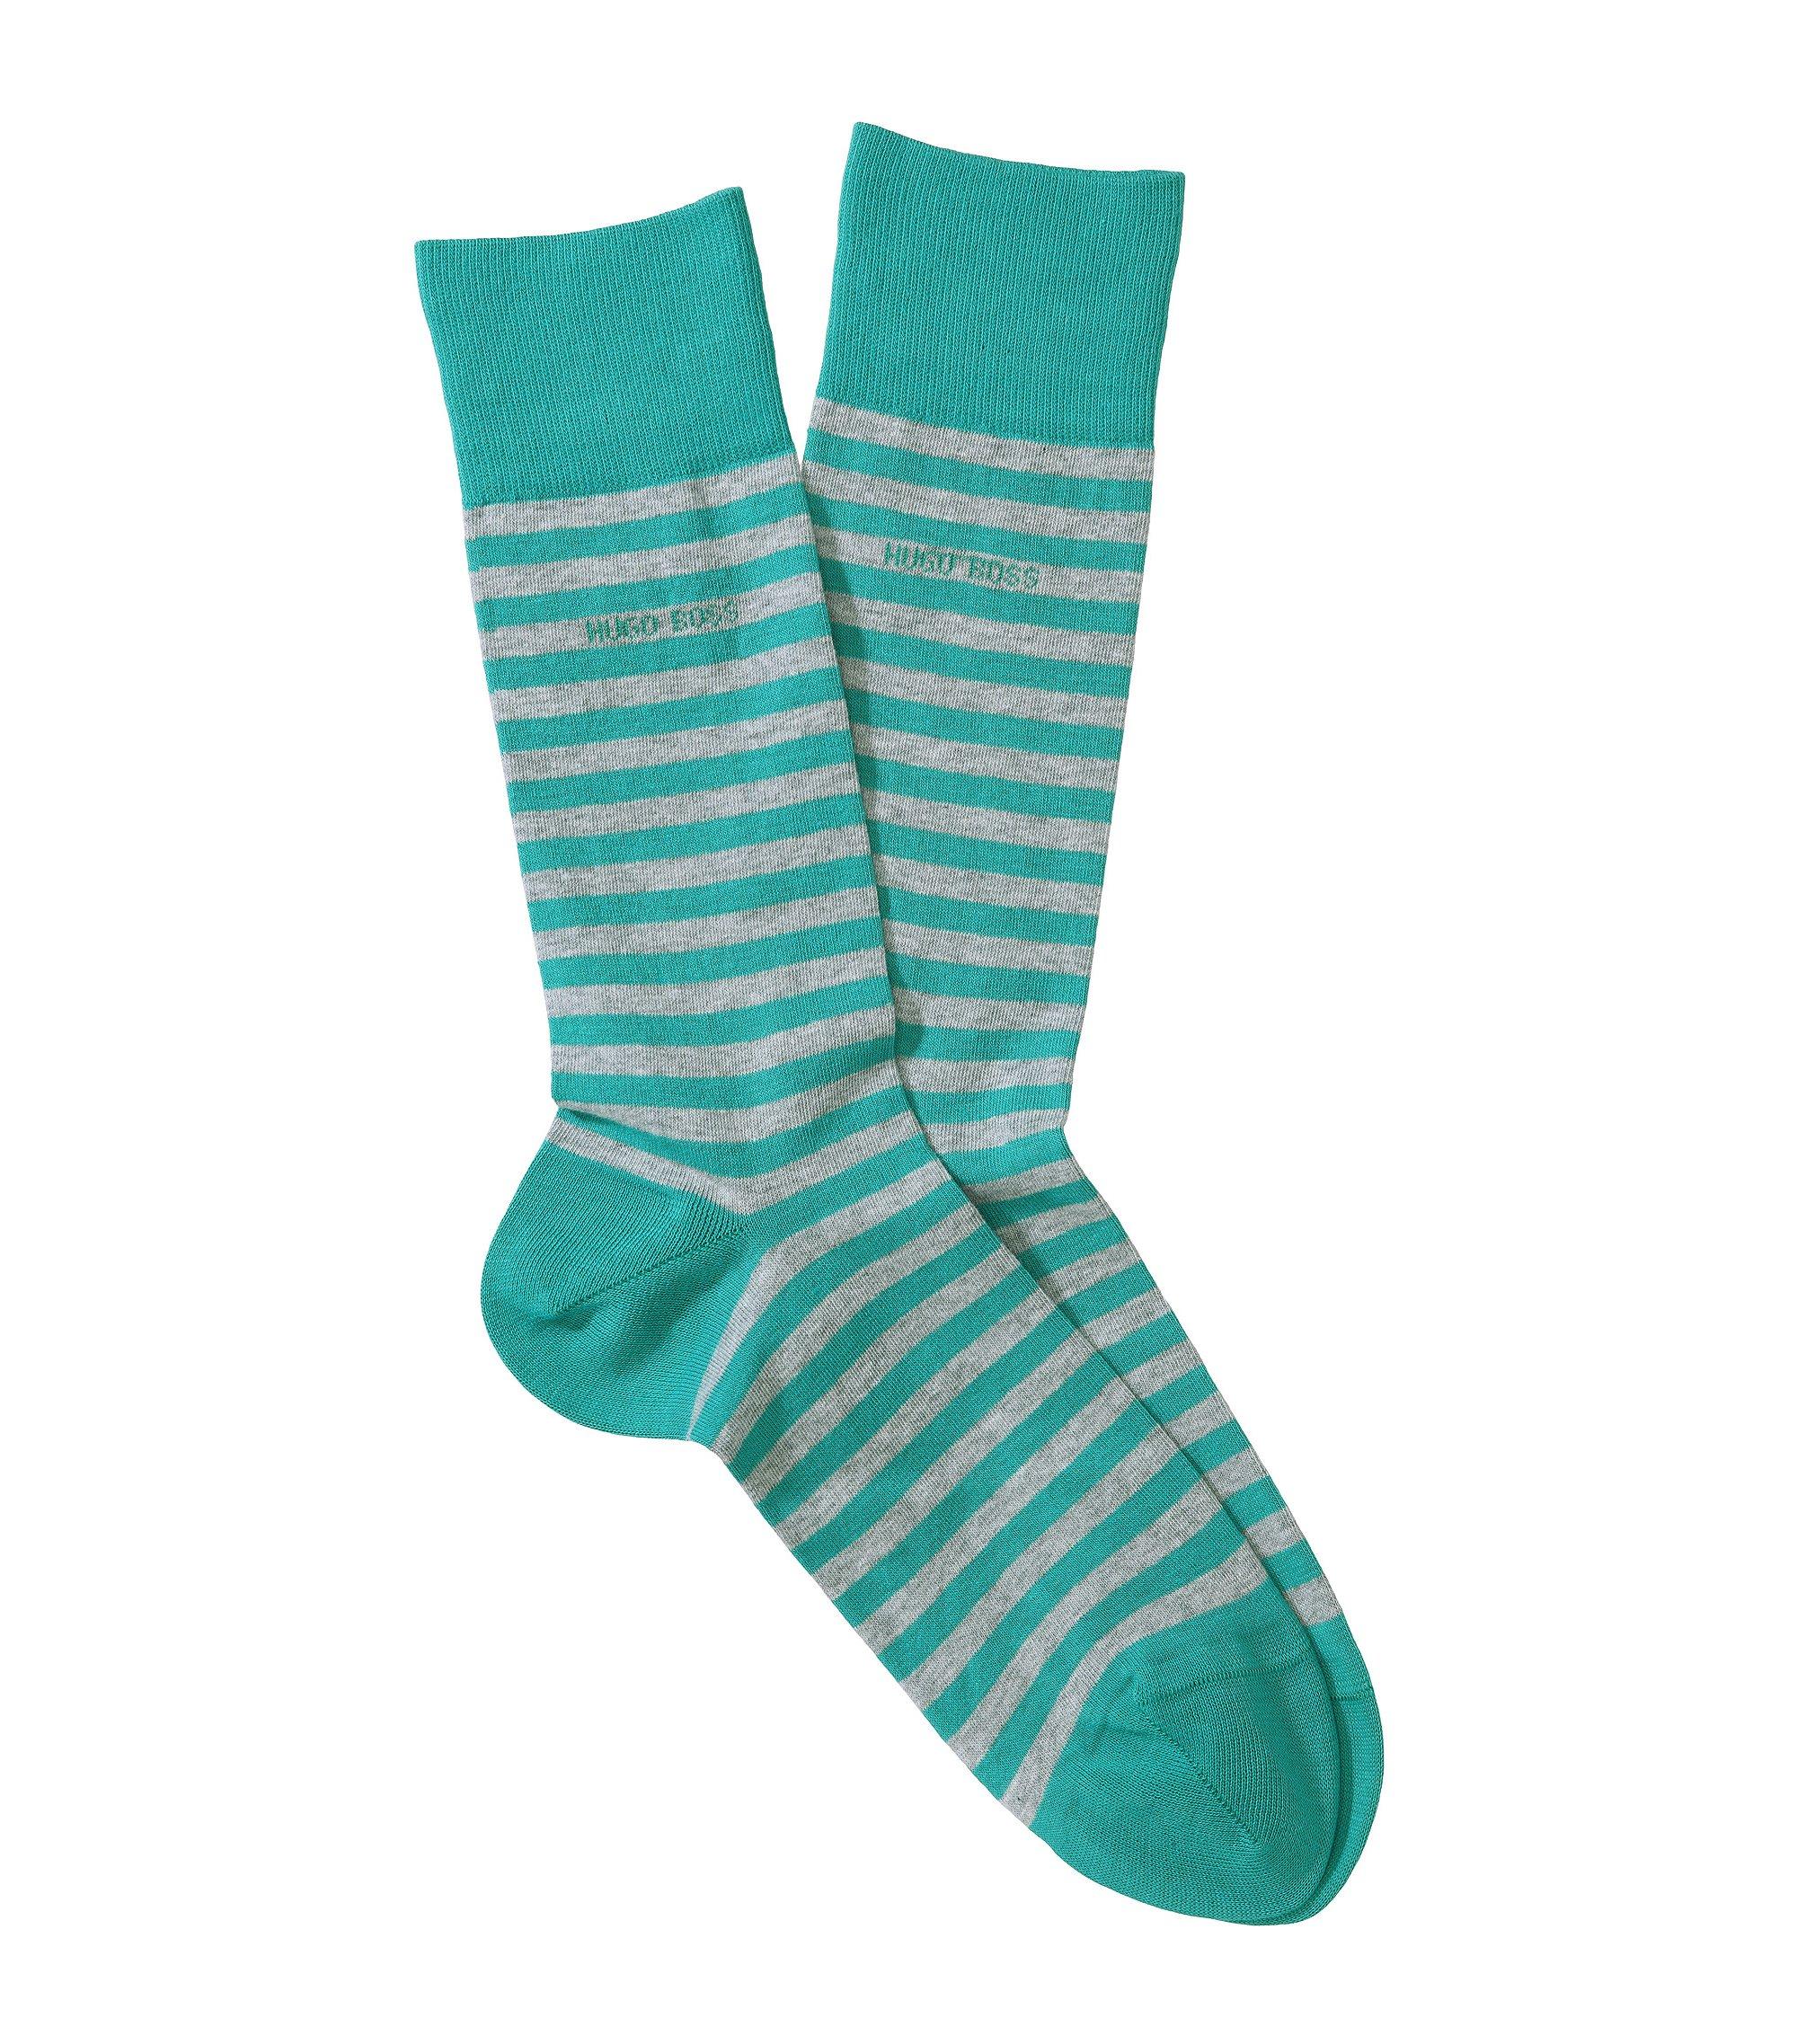 Socken ´Marc Design` mit Streifen, Türkis